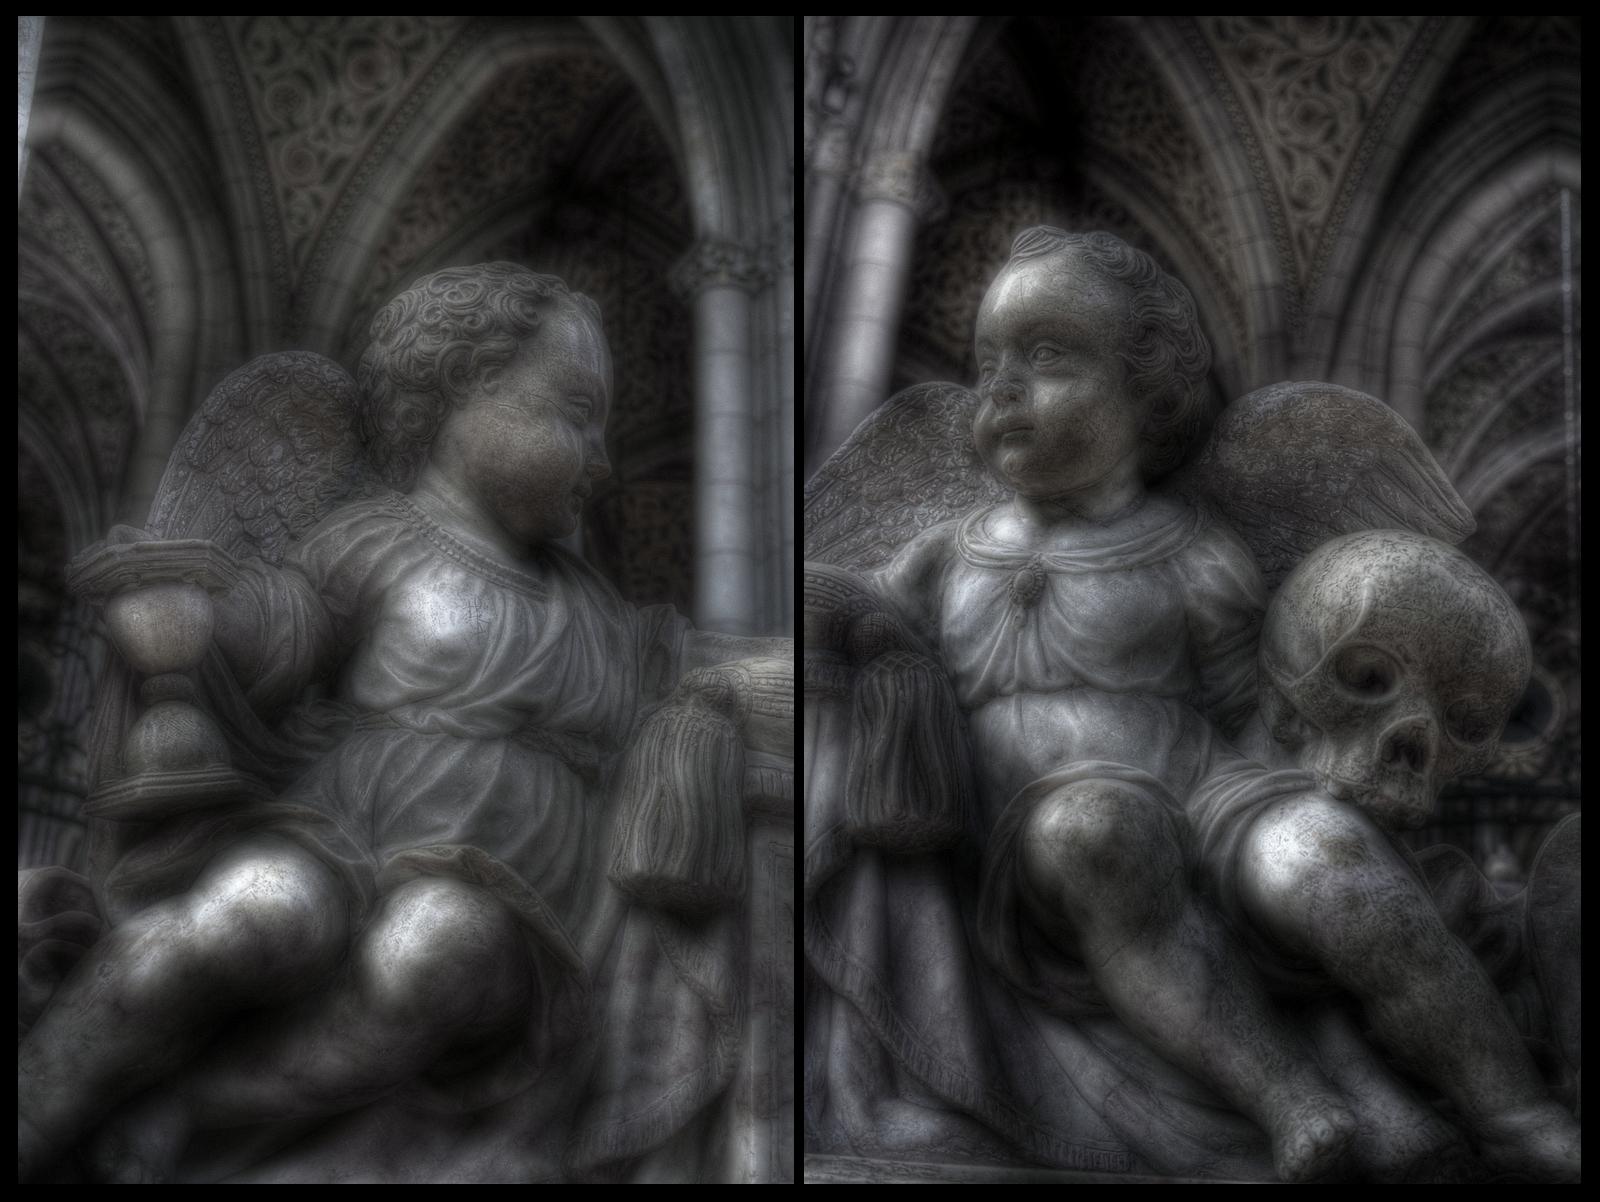 Angels of Evanescence by HenrikSundholm